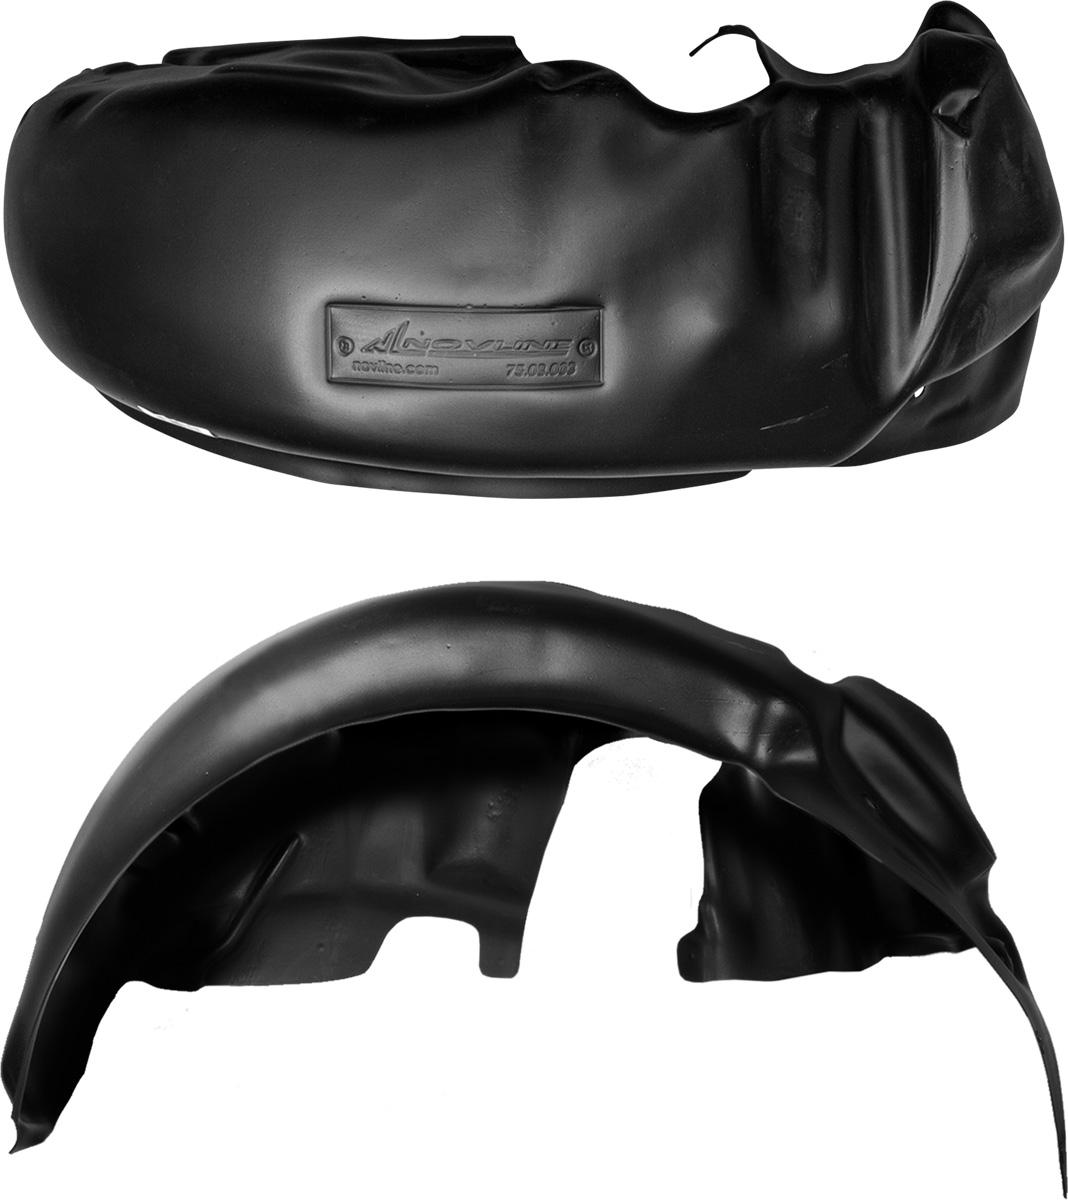 Подкрылок LIFAN X-60, 2012->, задний правыйCA-3505Колесные ниши – одни из самых уязвимых зон днища вашего автомобиля. Они постоянно подвергаются воздействию со стороны дороги. Лучшая, почти абсолютная защита для них - специально отформованные пластиковые кожухи, которые называются подкрылками, или локерами. Производятся они как для отечественных моделей автомобилей, так и для иномарок. Подкрылки выполнены из высококачественного, экологически чистого пластика. Обеспечивают надежную защиту кузова автомобиля от пескоструйного эффекта и негативного влияния, агрессивных антигололедных реагентов. Пластик обладает более низкой теплопроводностью, чем металл, поэтому в зимний период эксплуатации использование пластиковых подкрылков позволяет лучше защитить колесные ниши от налипания снега и образования наледи. Оригинальность конструкции подчеркивает элегантность автомобиля, бережно защищает нанесенное на днище кузова антикоррозийное покрытие и позволяет осуществить крепление подкрылков внутри колесной арки практически без дополнительного крепежа и сверления, не нарушая при этом лакокрасочного покрытия, что предотвращает возникновение новых очагов коррозии. Технология крепления подкрылков на иномарки принципиально отличается от крепления на российские автомобили и разрабатывается индивидуально для каждой модели автомобиля. Подкрылки долговечны, обладают высокой прочностью и сохраняют заданную форму, а также все свои физико-механические характеристики в самых тяжелых климатических условиях ( от -50° С до + 50° С).